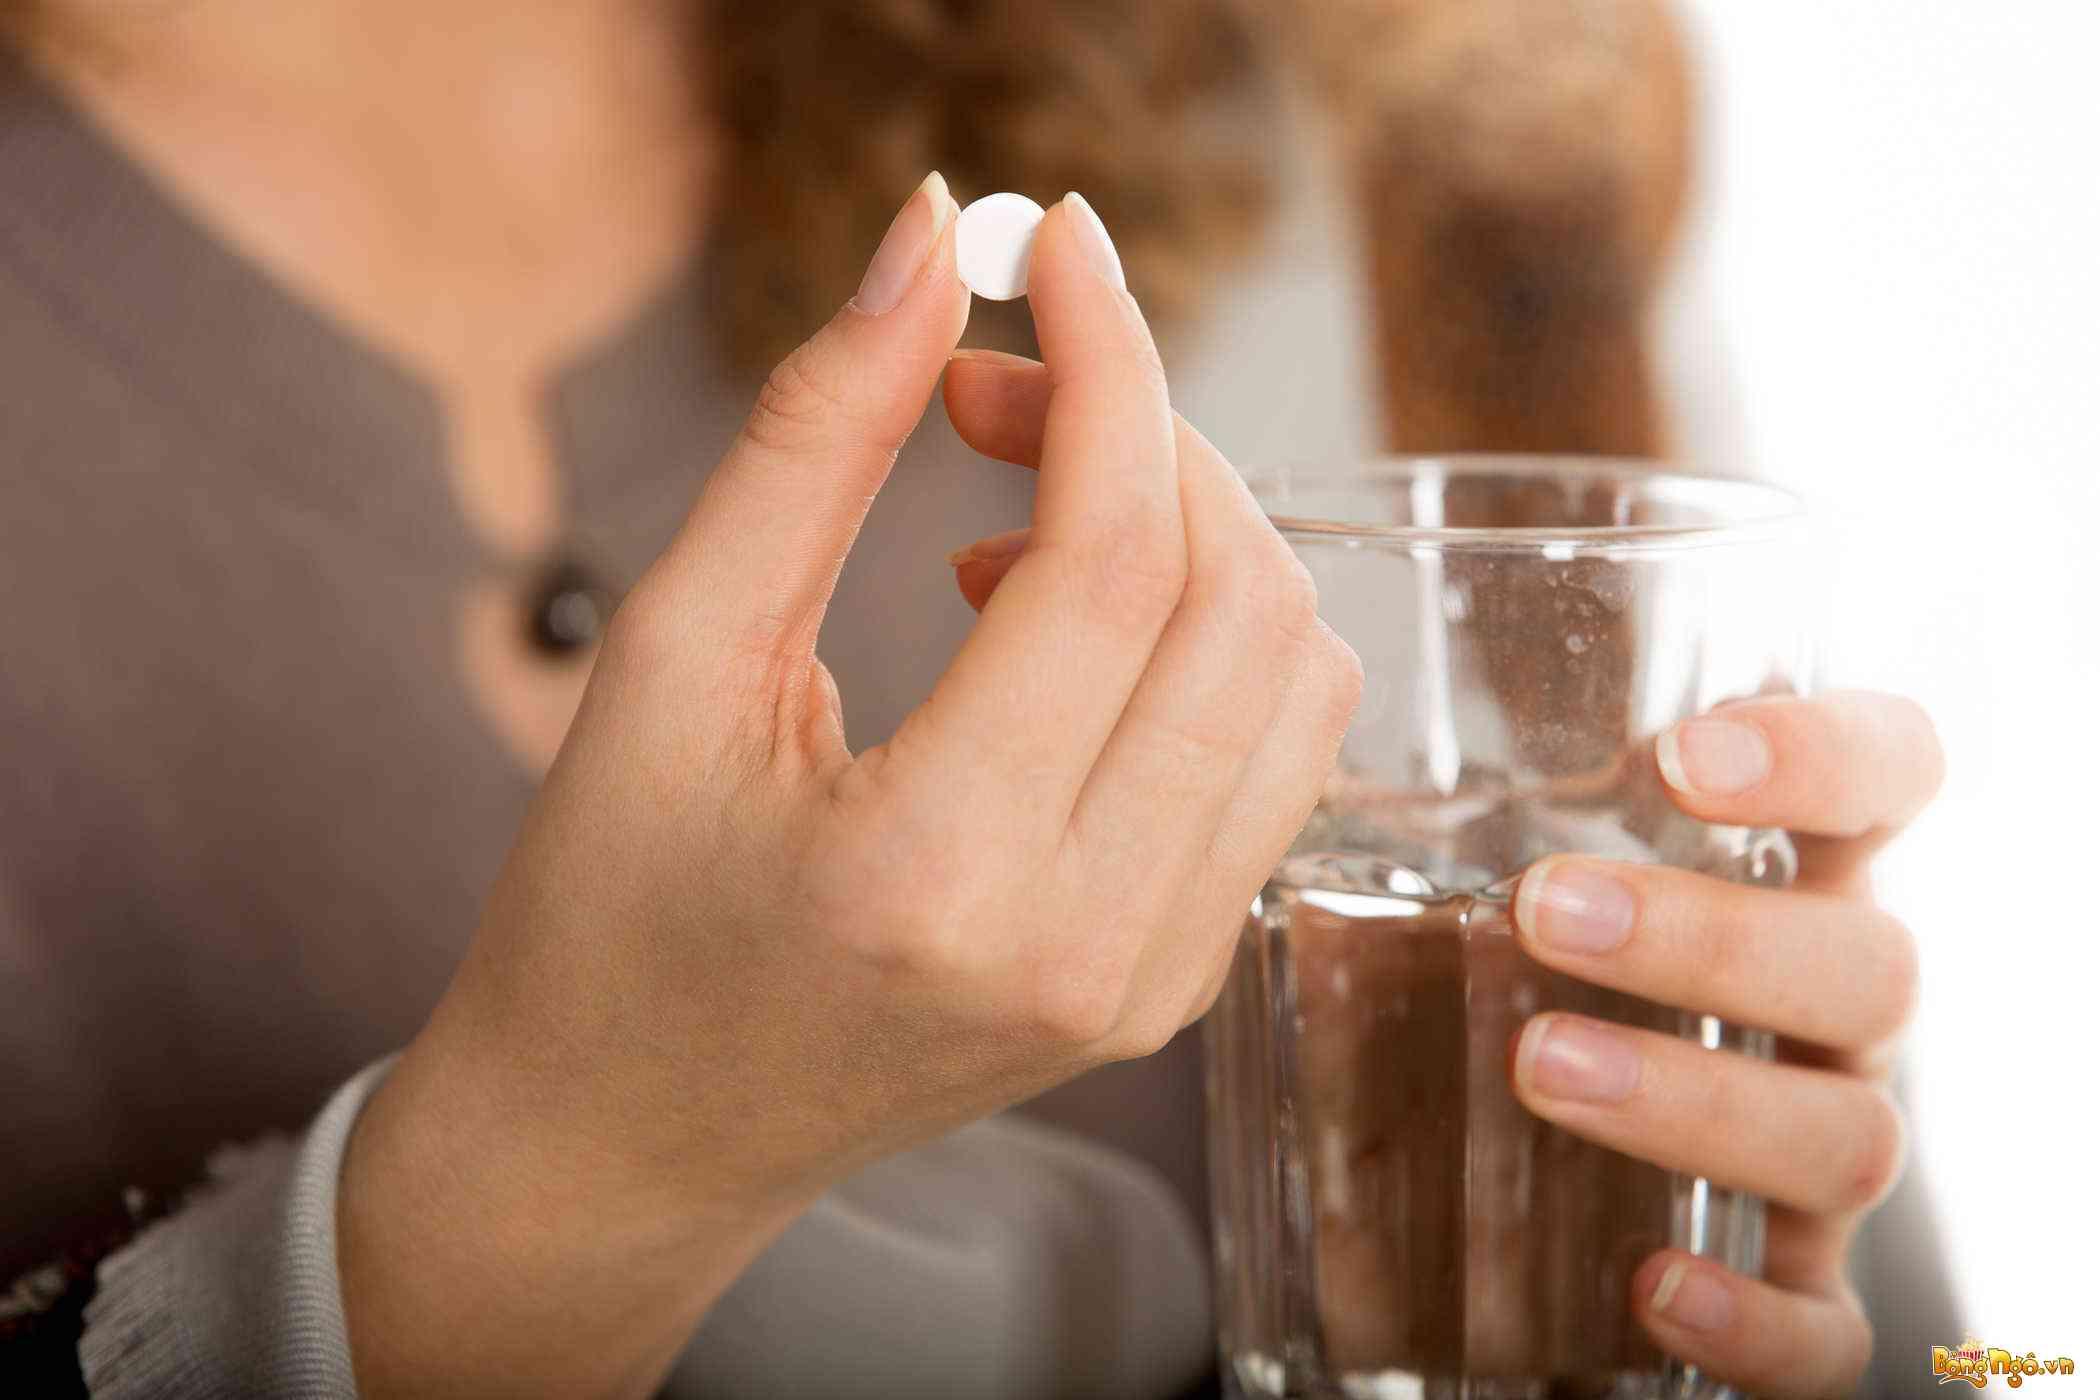 Thuốc Saferon là gì? Cách sử dụng thuốc an toàn và hiệu quả